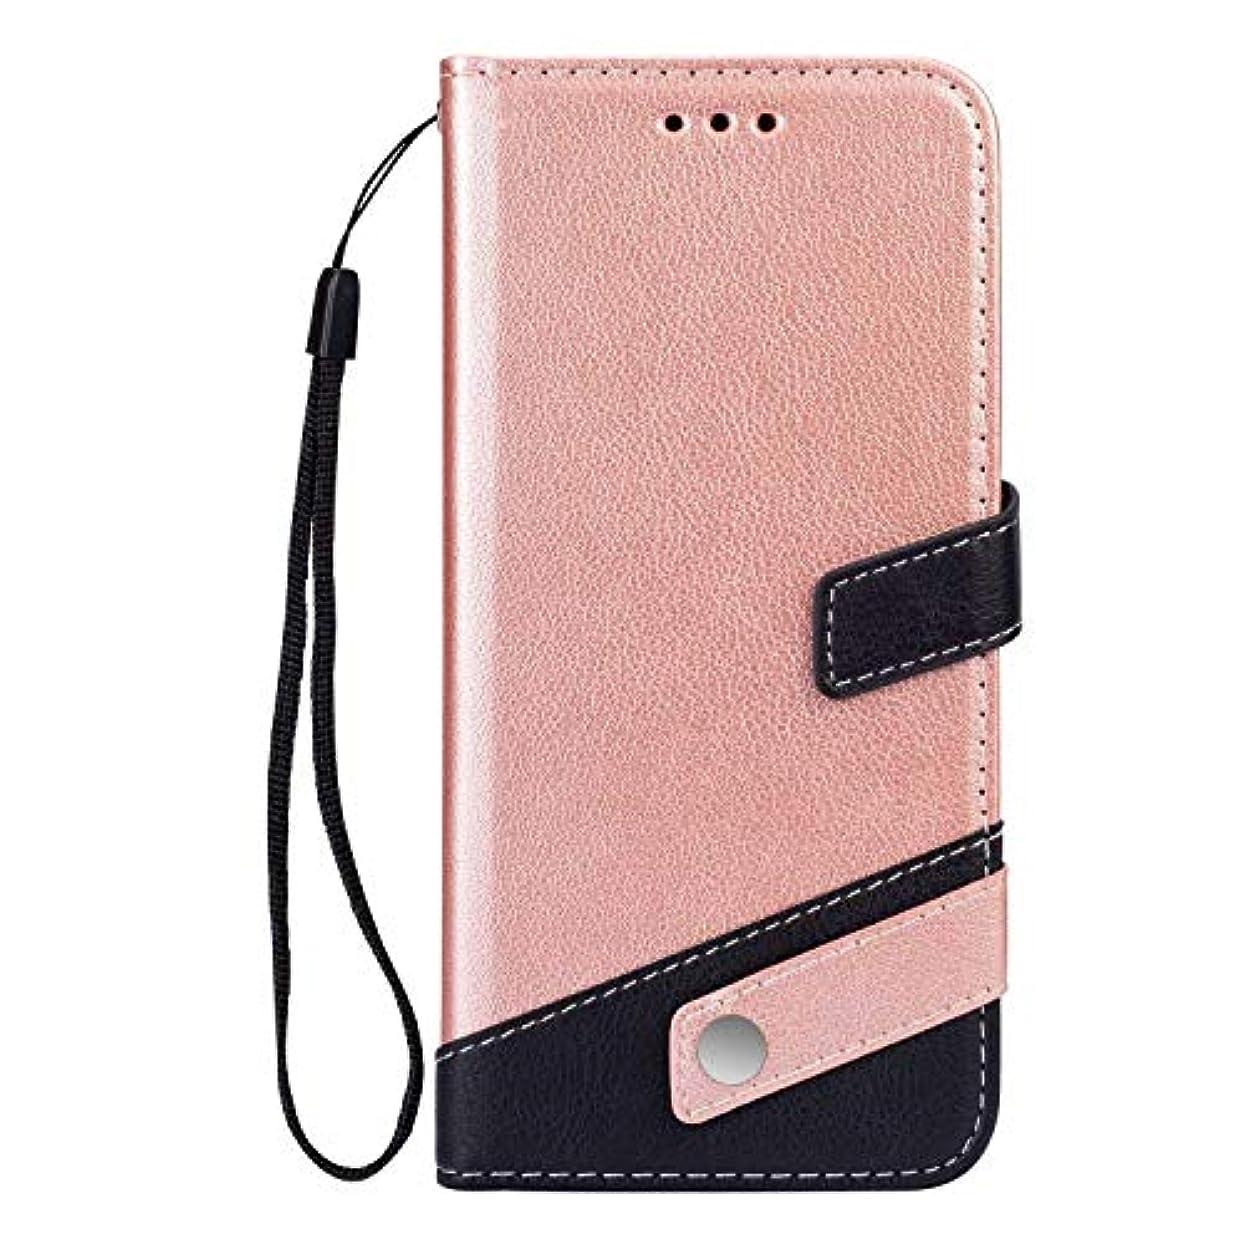 不平を言う囲むこれまでGalaxy S10 ケース OMATENTI 手帳型ケース PUレザー 磁石タイプ ストラップホール付き 全面保護 液晶保護 耐衝撃 財布型 耐久性 薄型 スマホケース, ピンク